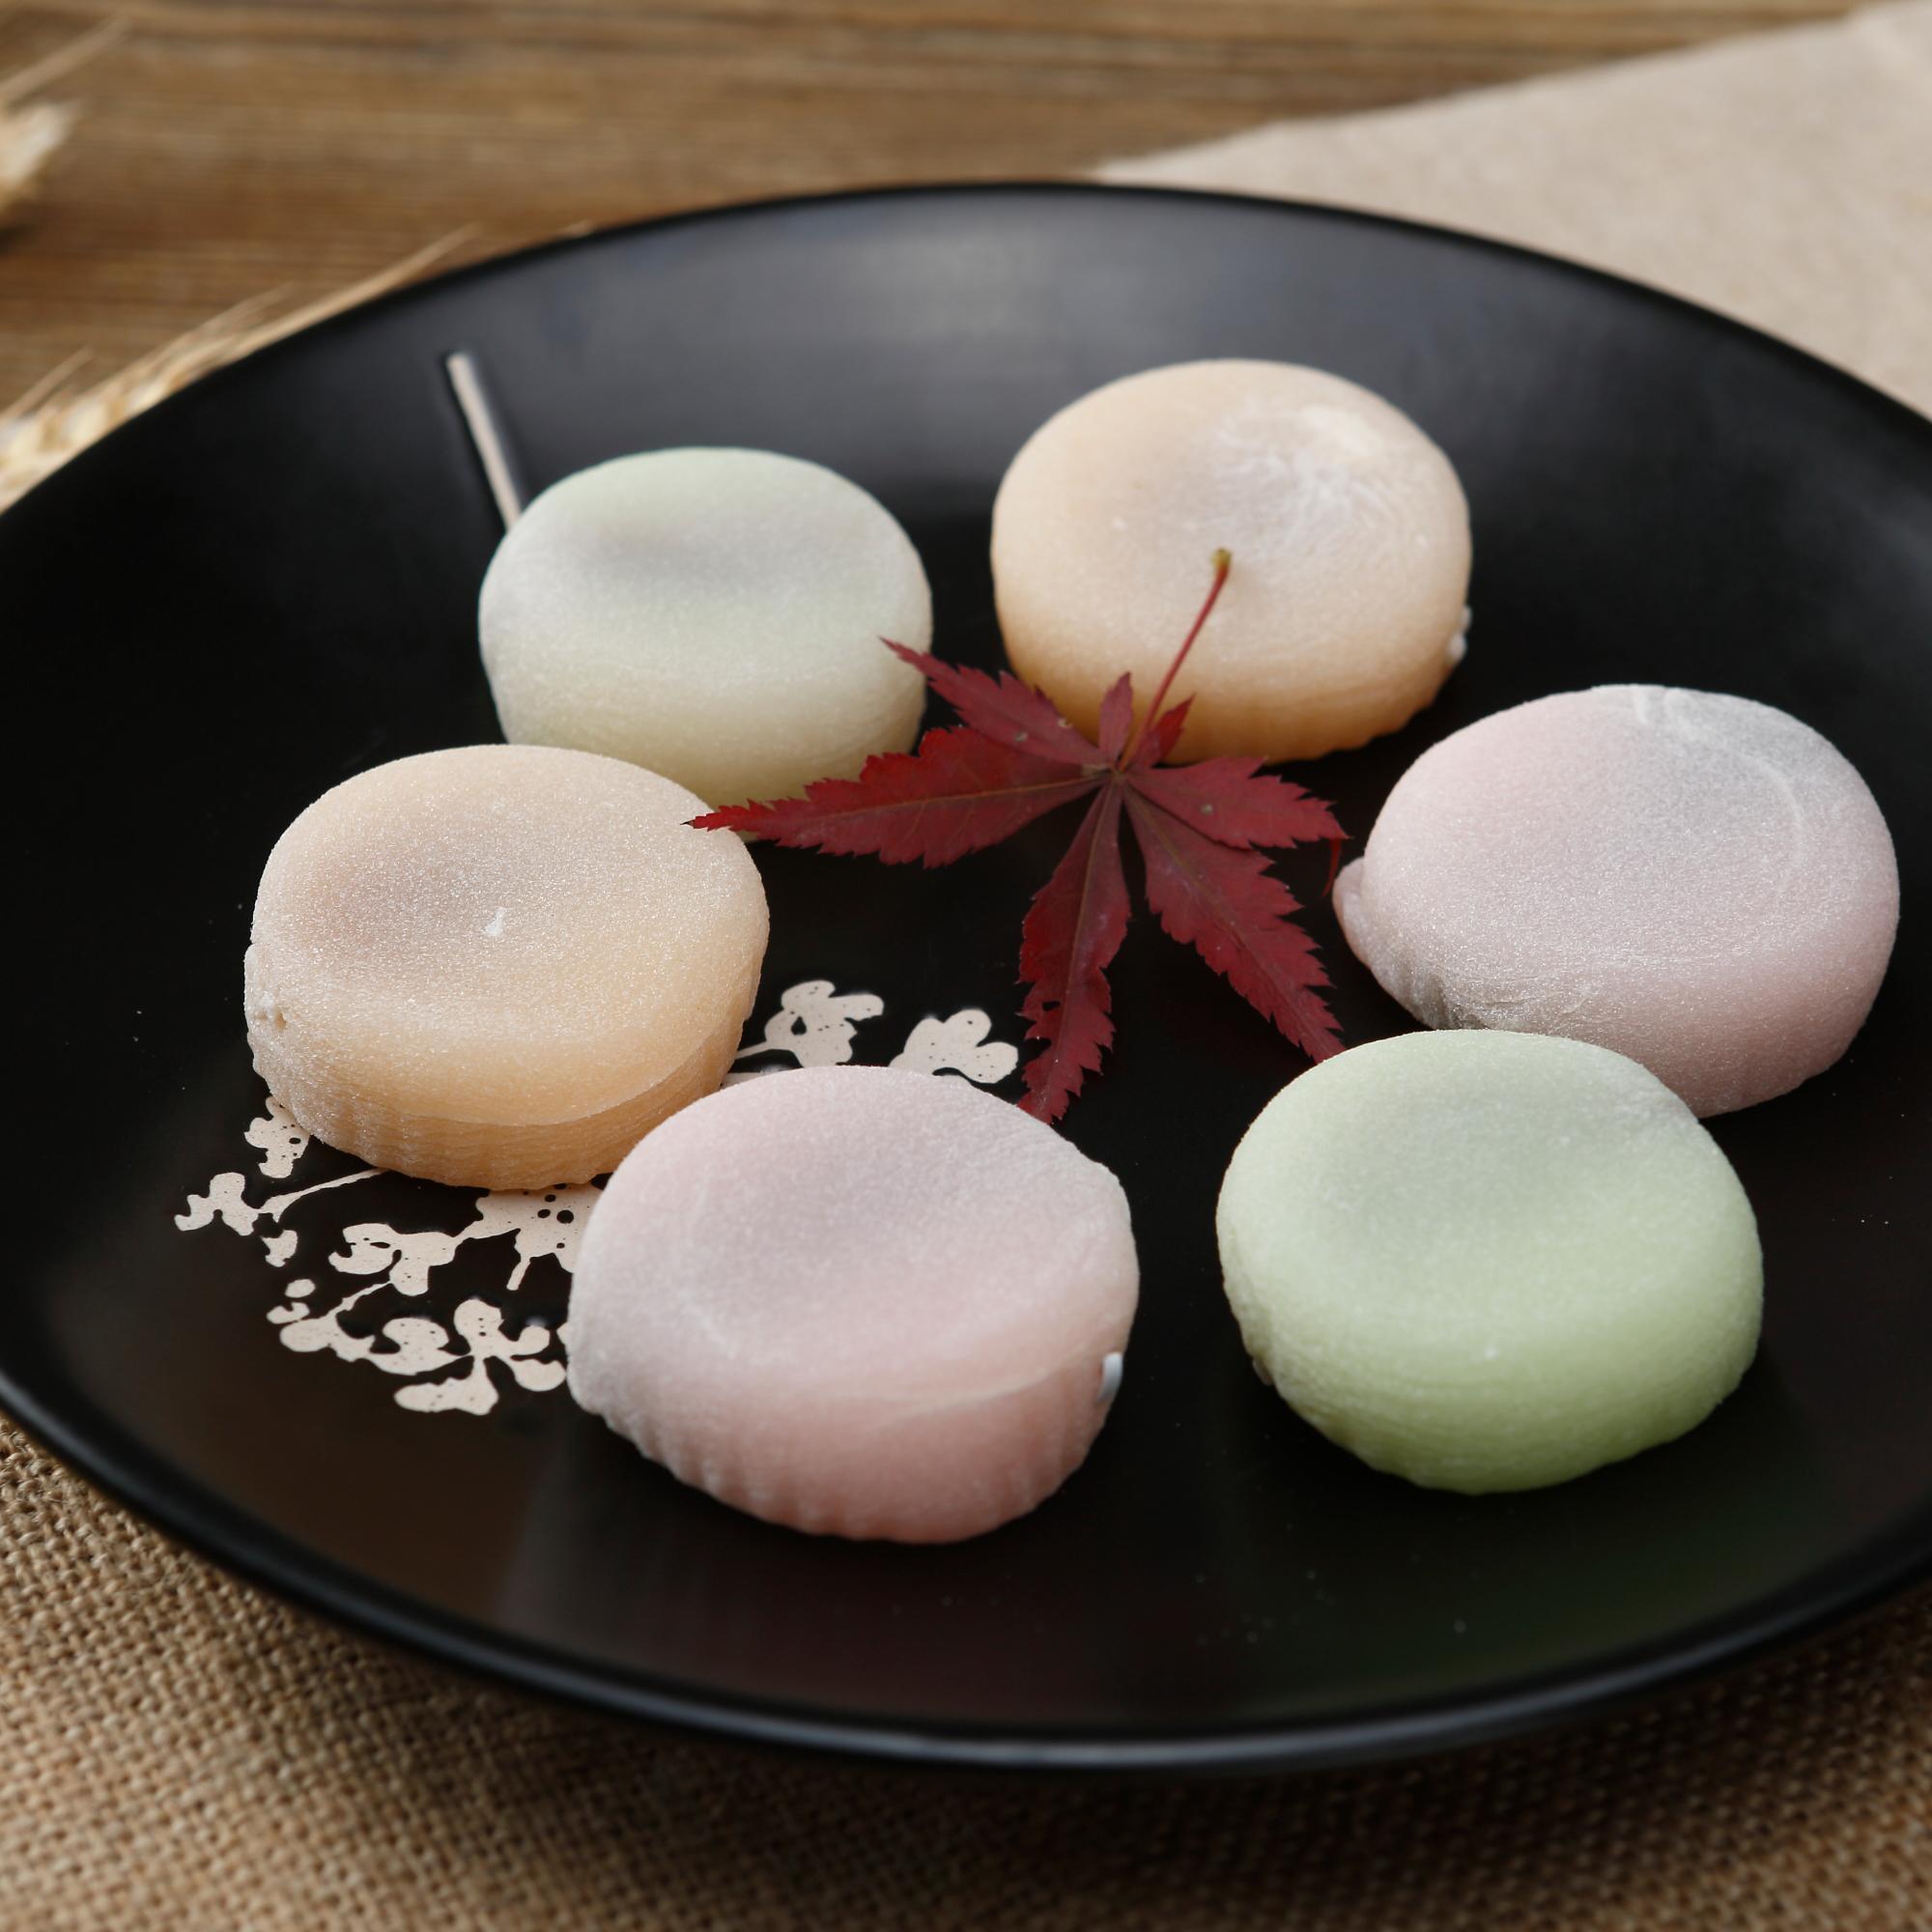 2件包邮 西塘特产麻�^100G 外婆家糕坊传统美食 香糯可口豆沙夹心